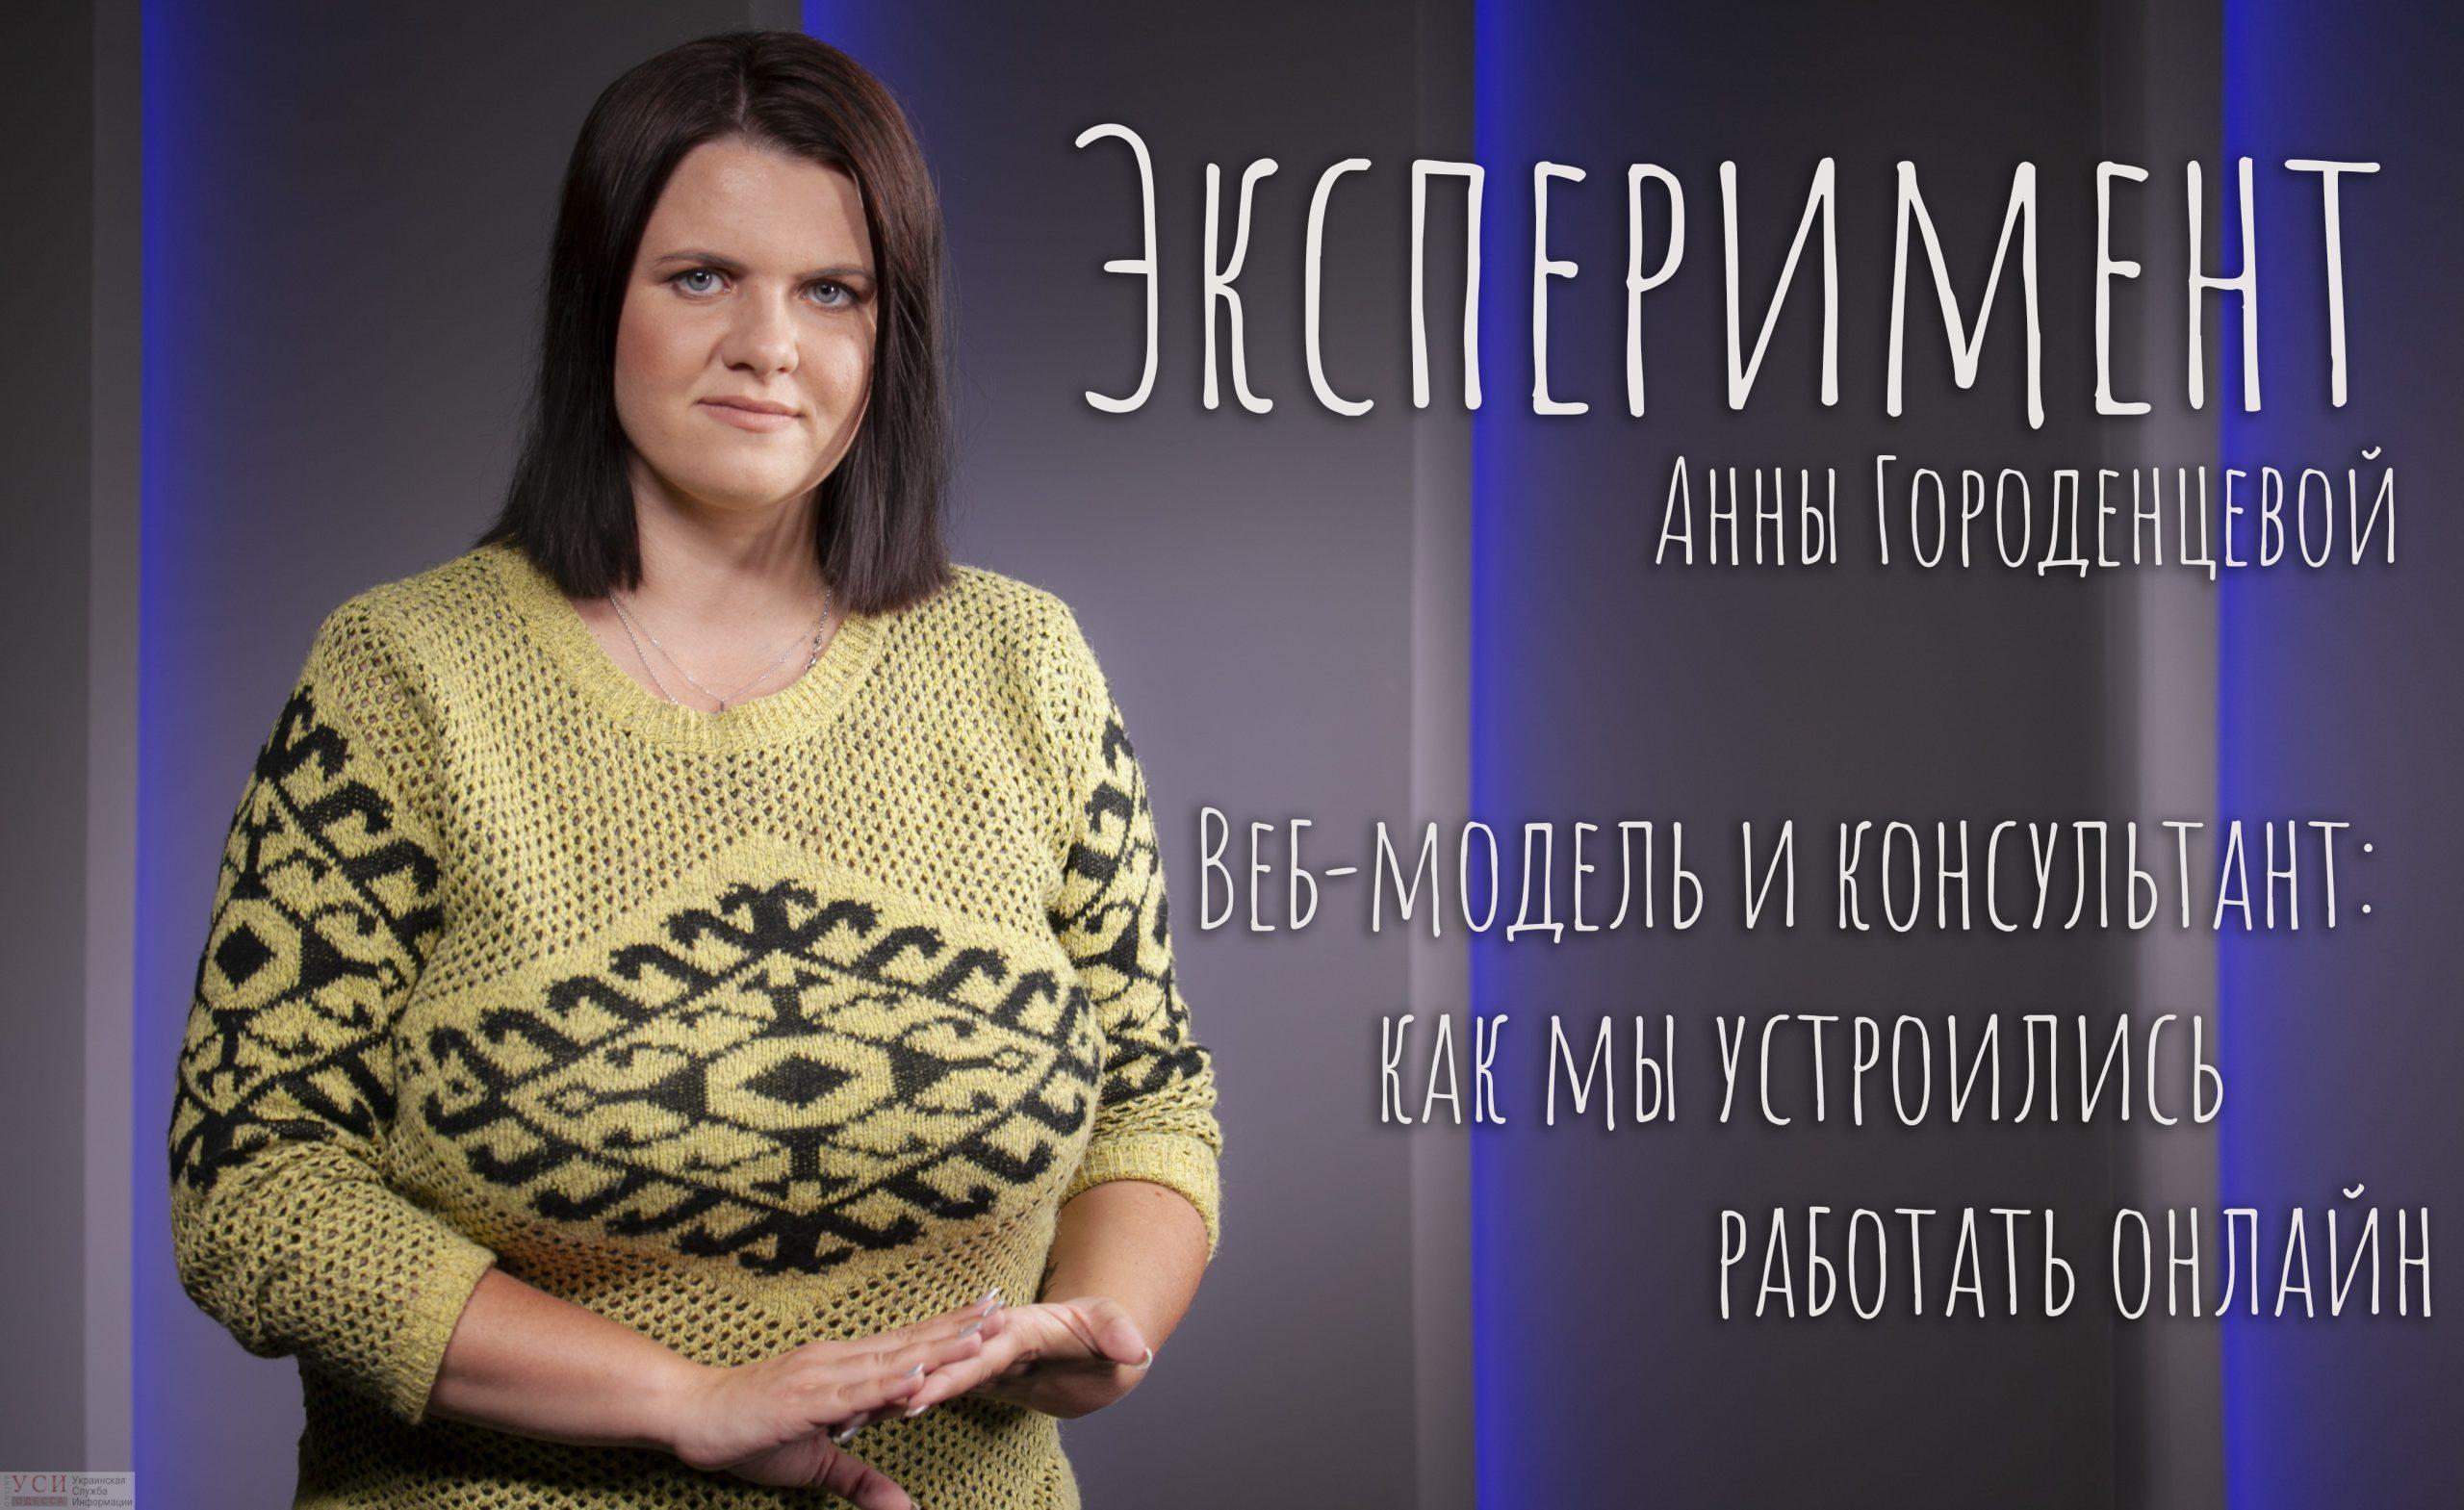 Заработать моделью онлайн в касли девушки модели в краснотурьинск